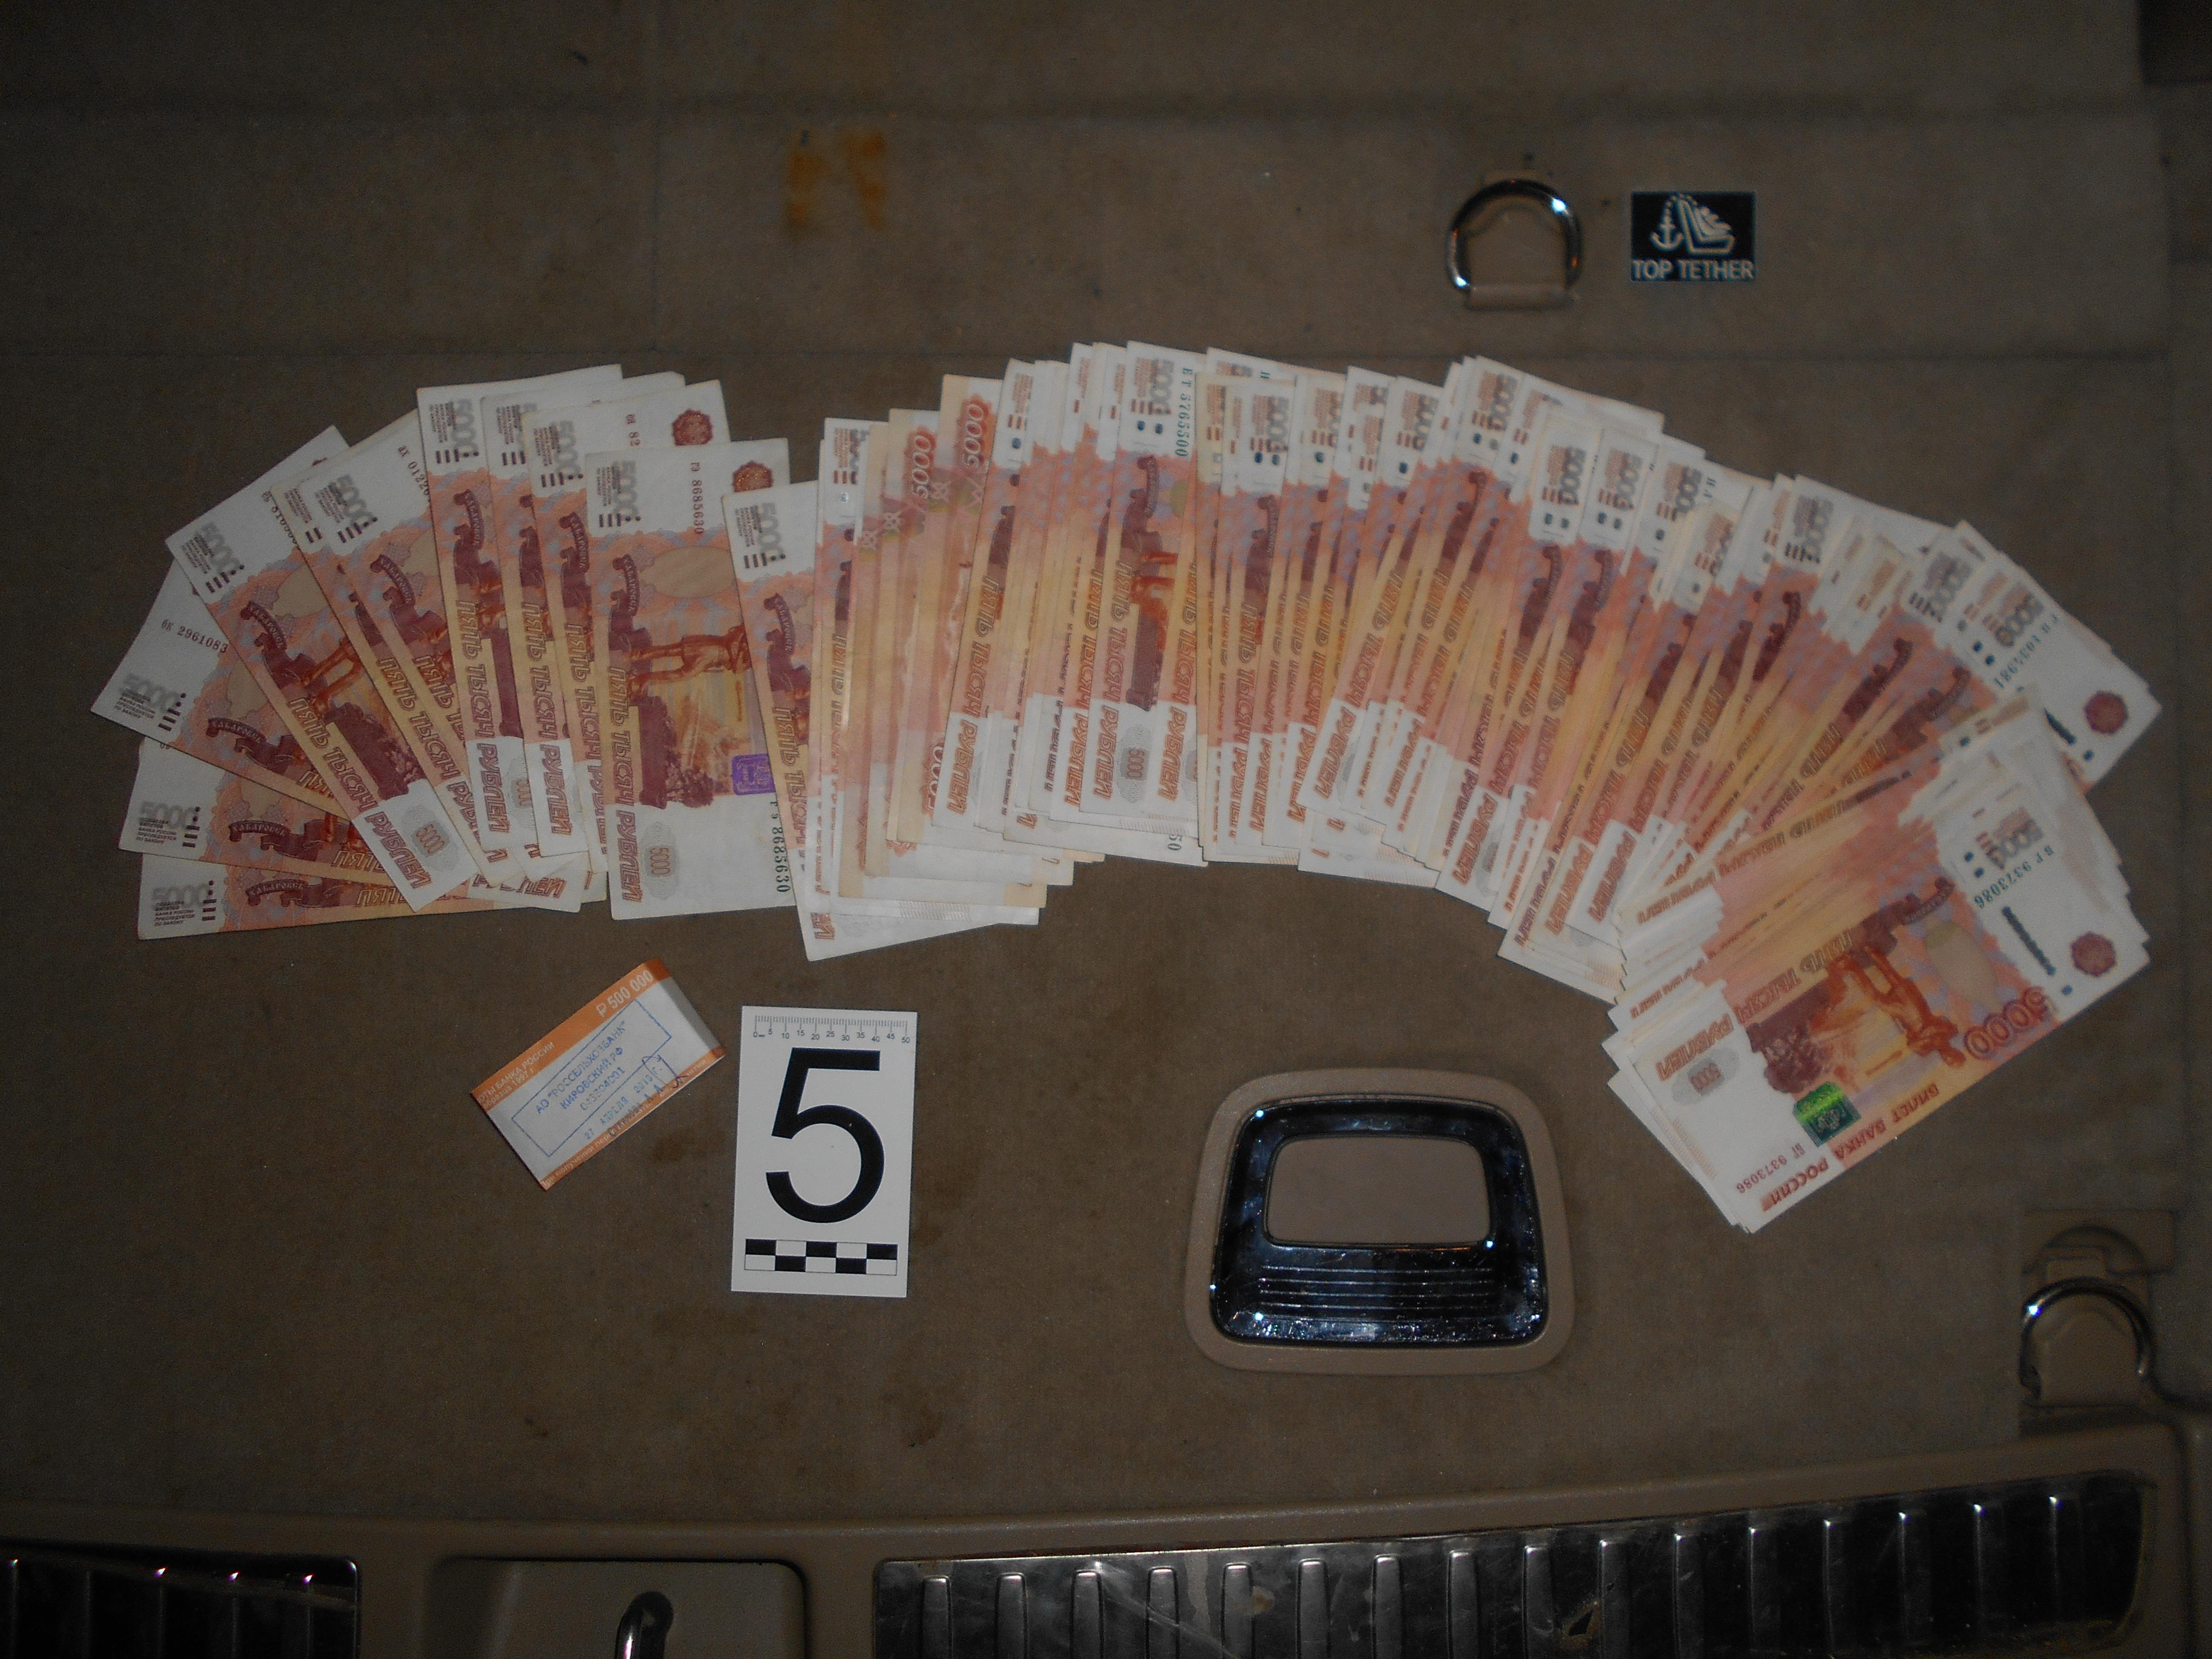 Житель г. Кирова пытался дать взятку в размере 2 млн рублей сотруднику СКР.